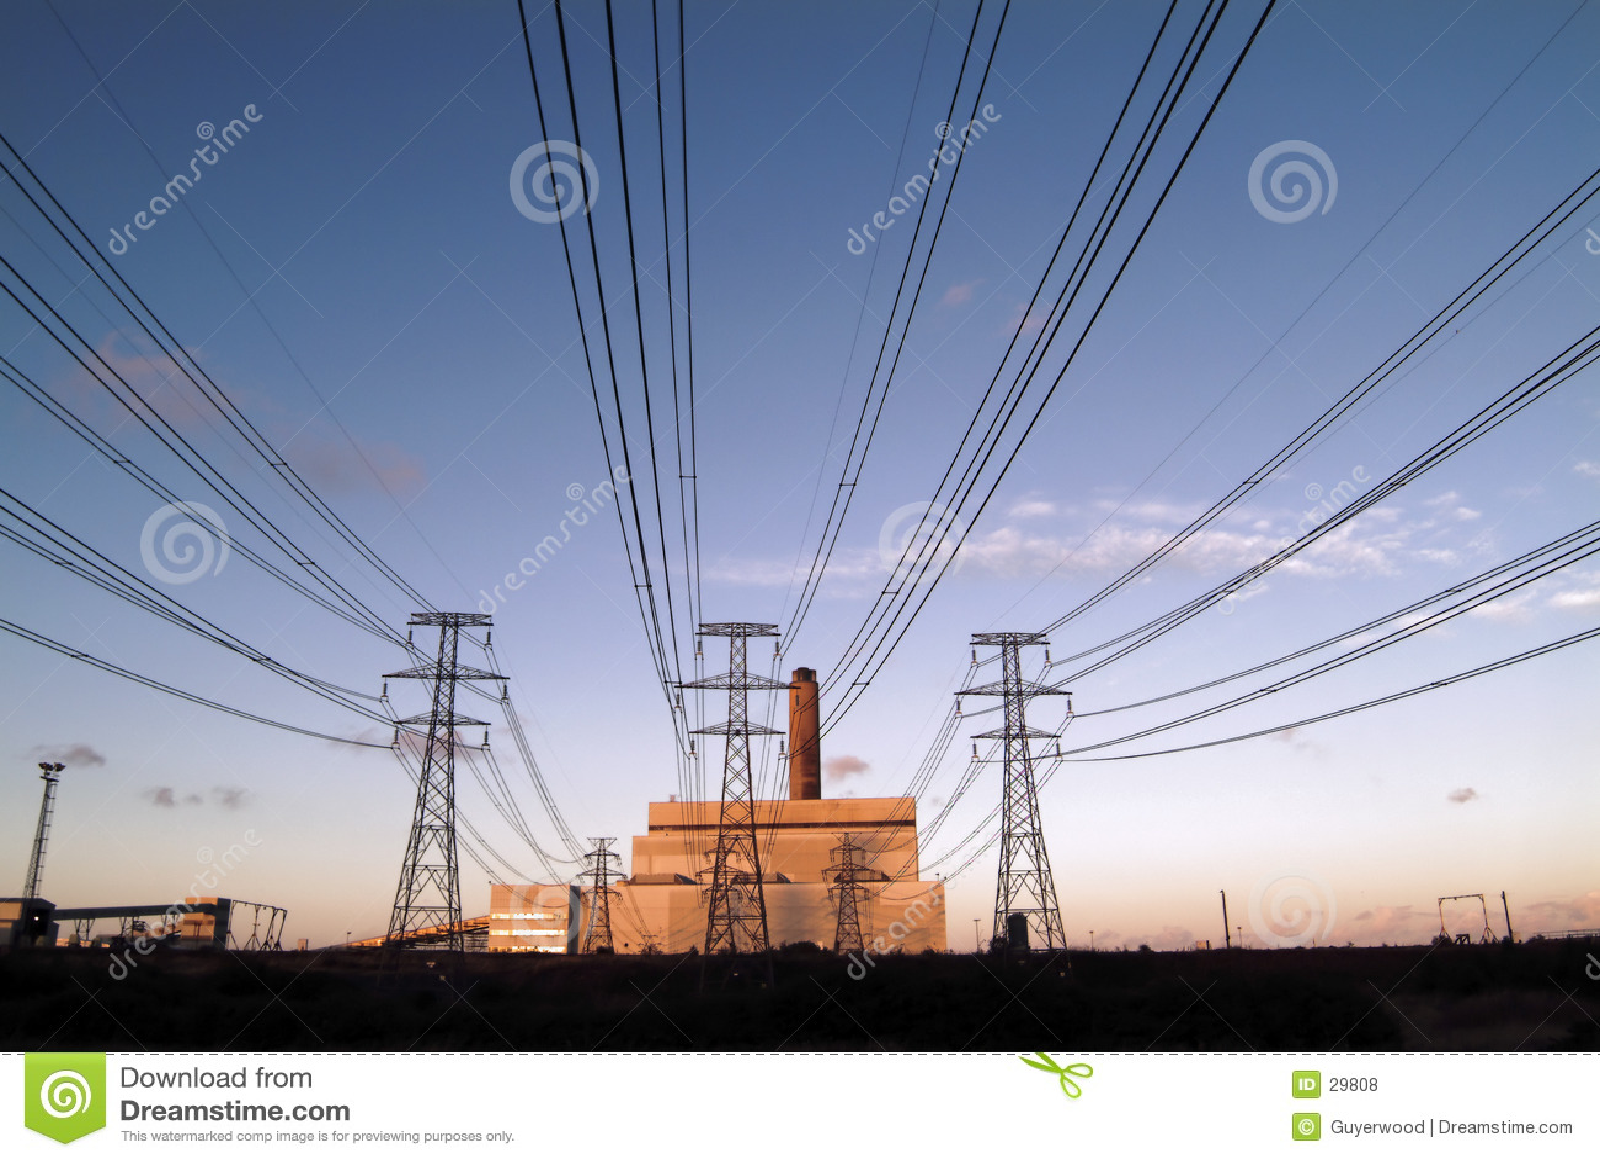 Courant électrique